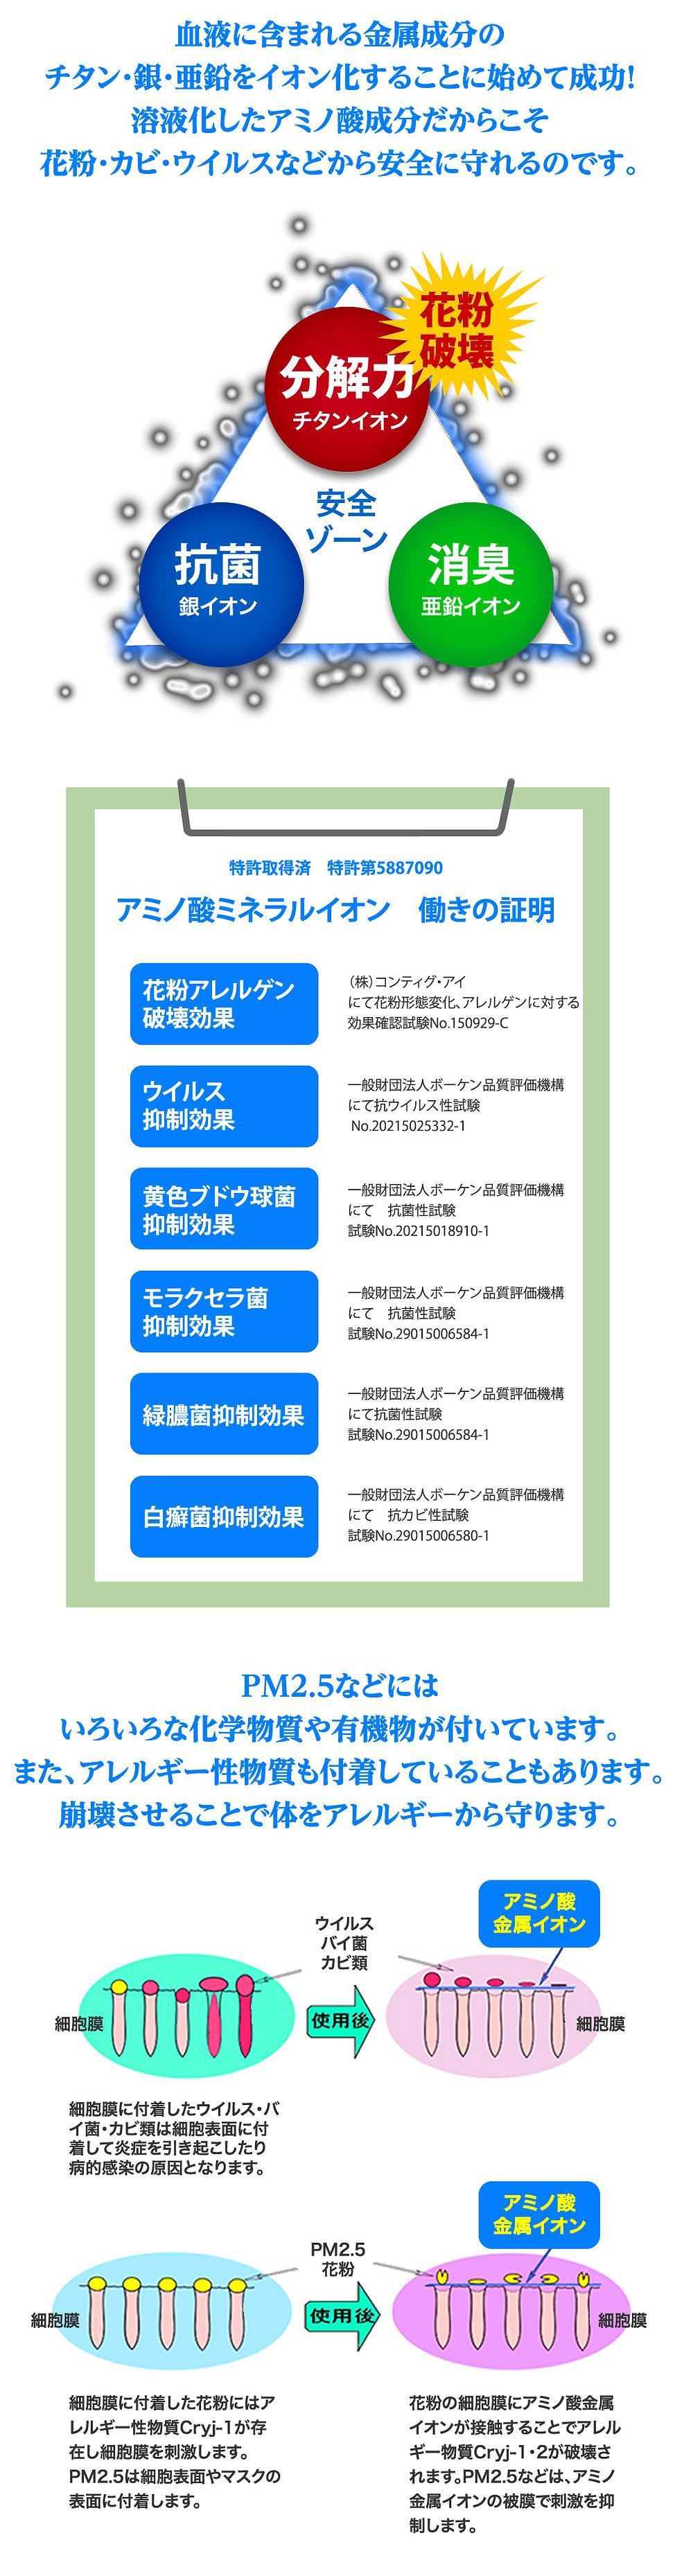 花粉やっつけ隊紹介ページ-2.jpg